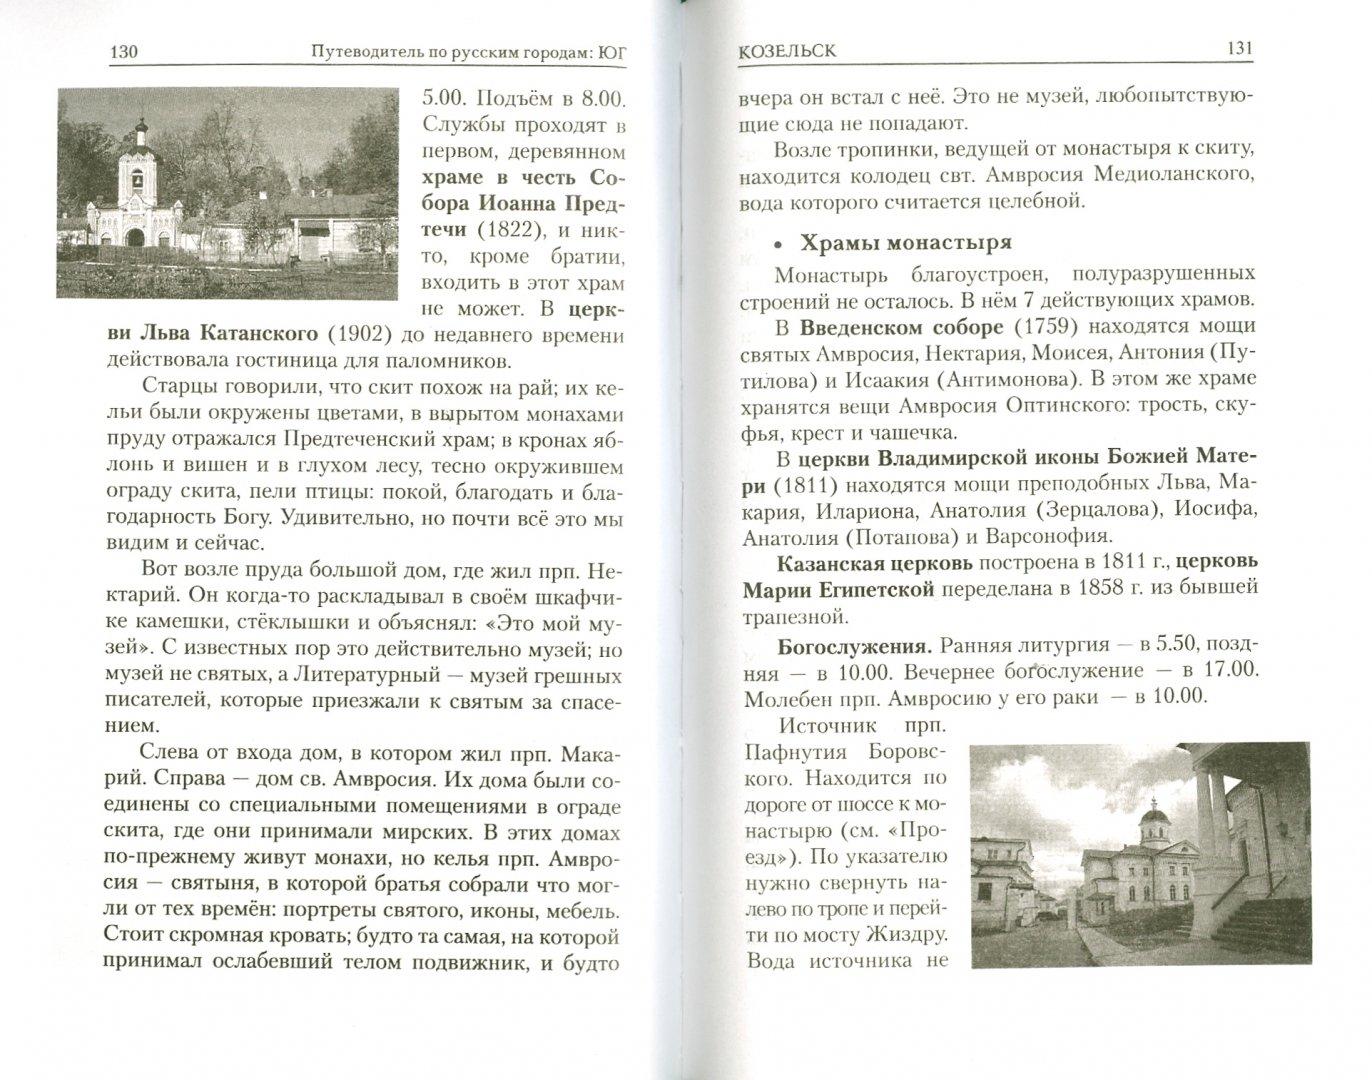 Иллюстрация 1 из 6 для Путеводитель по русским городам. Юг - Дмитрий Семеник | Лабиринт - книги. Источник: Лабиринт